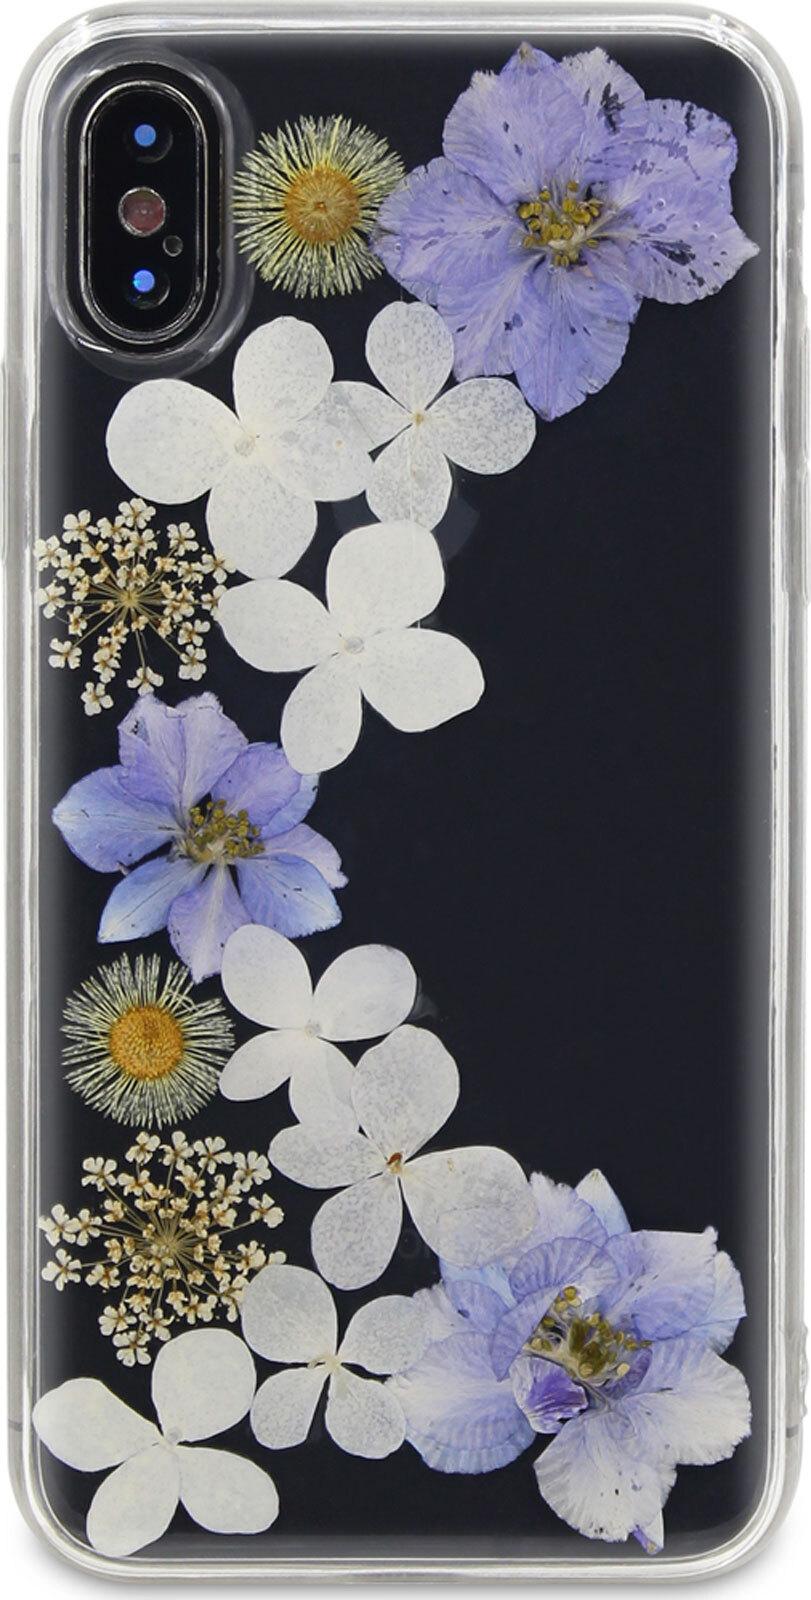 Чехол-накладка DYP Flower Case для Apple iPhone X/XS, прозрачный с цветами flower print card case